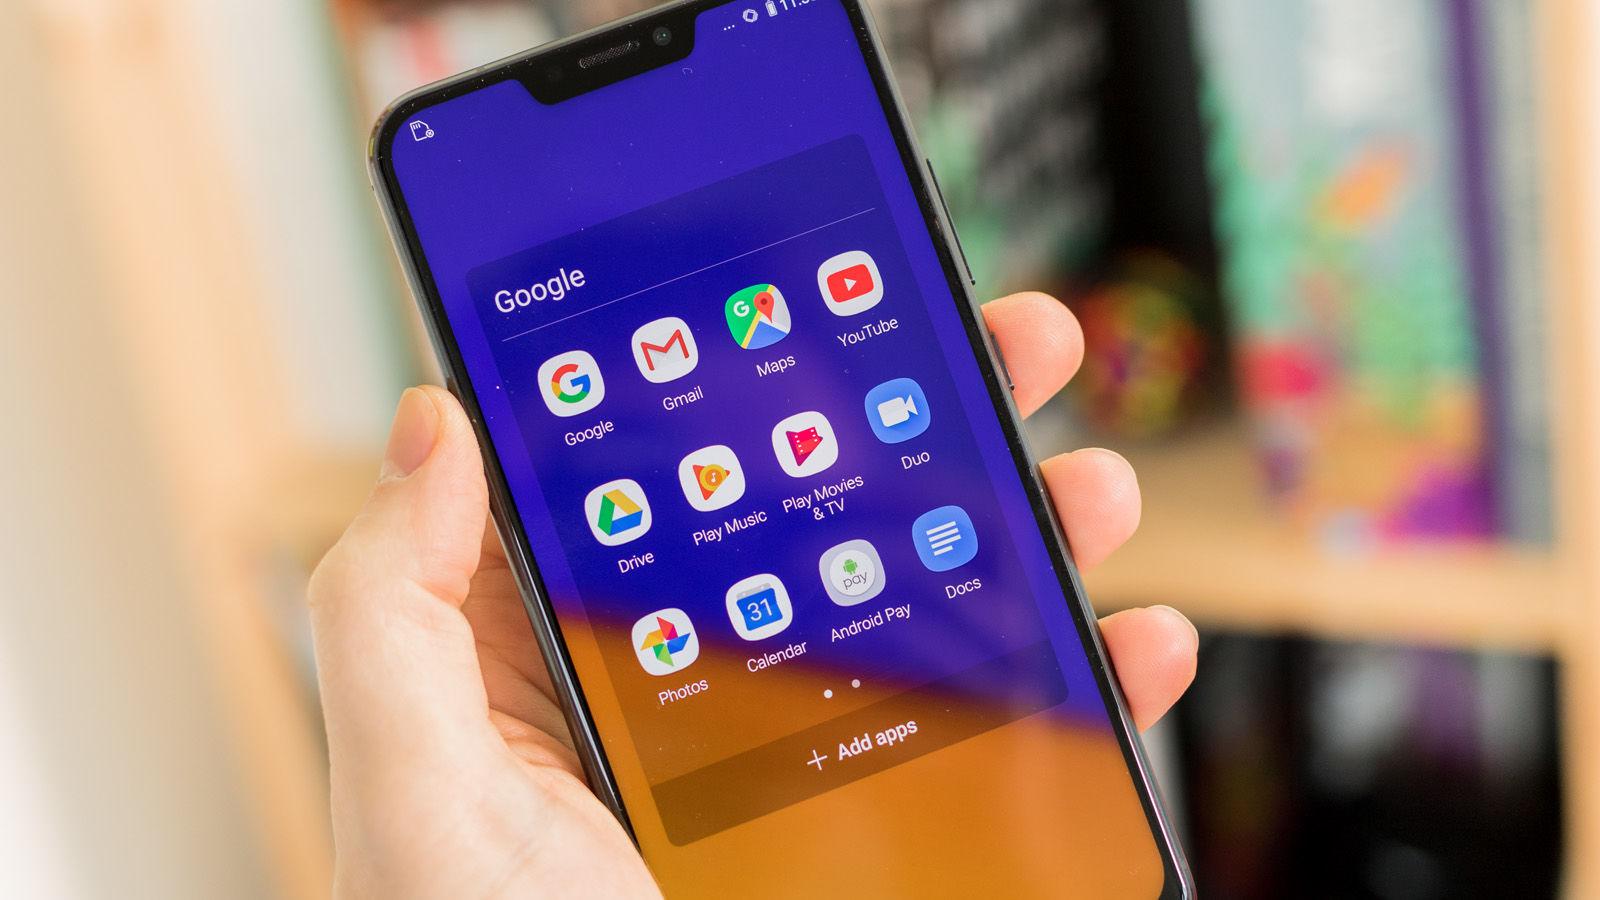 zenfone 5 tela de apps